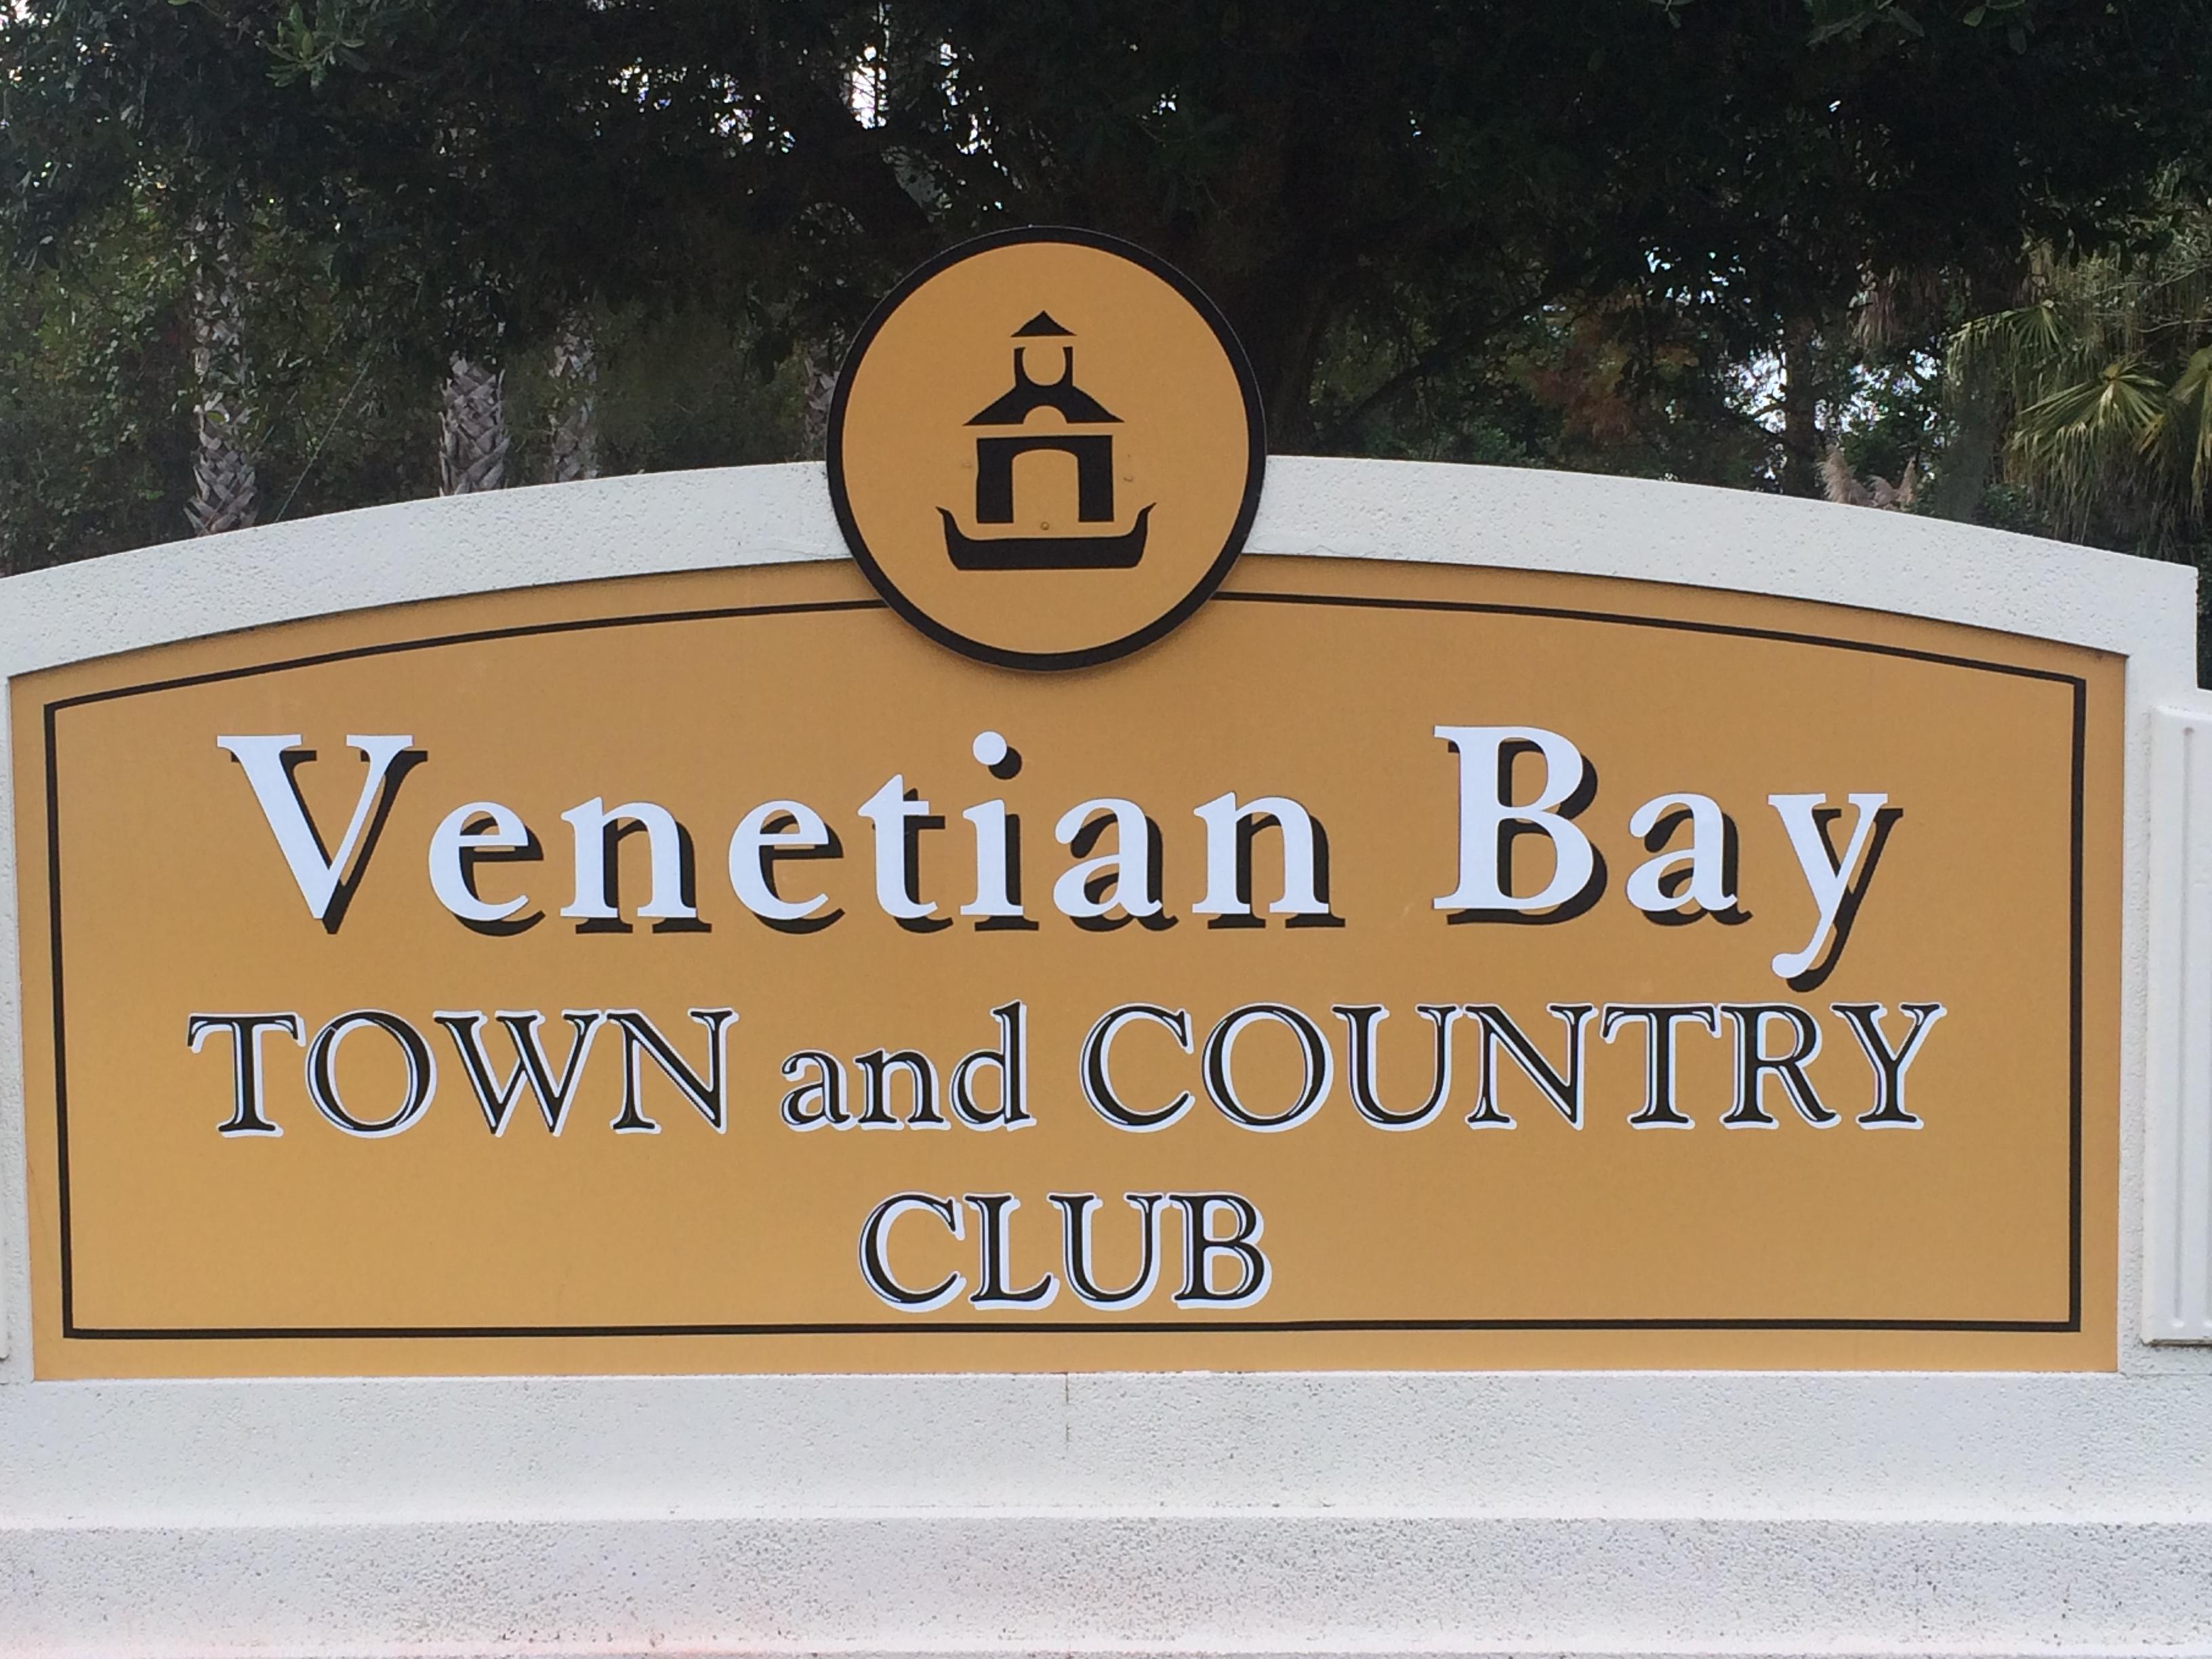 Venetian Bay | www.sarahcaudill.com